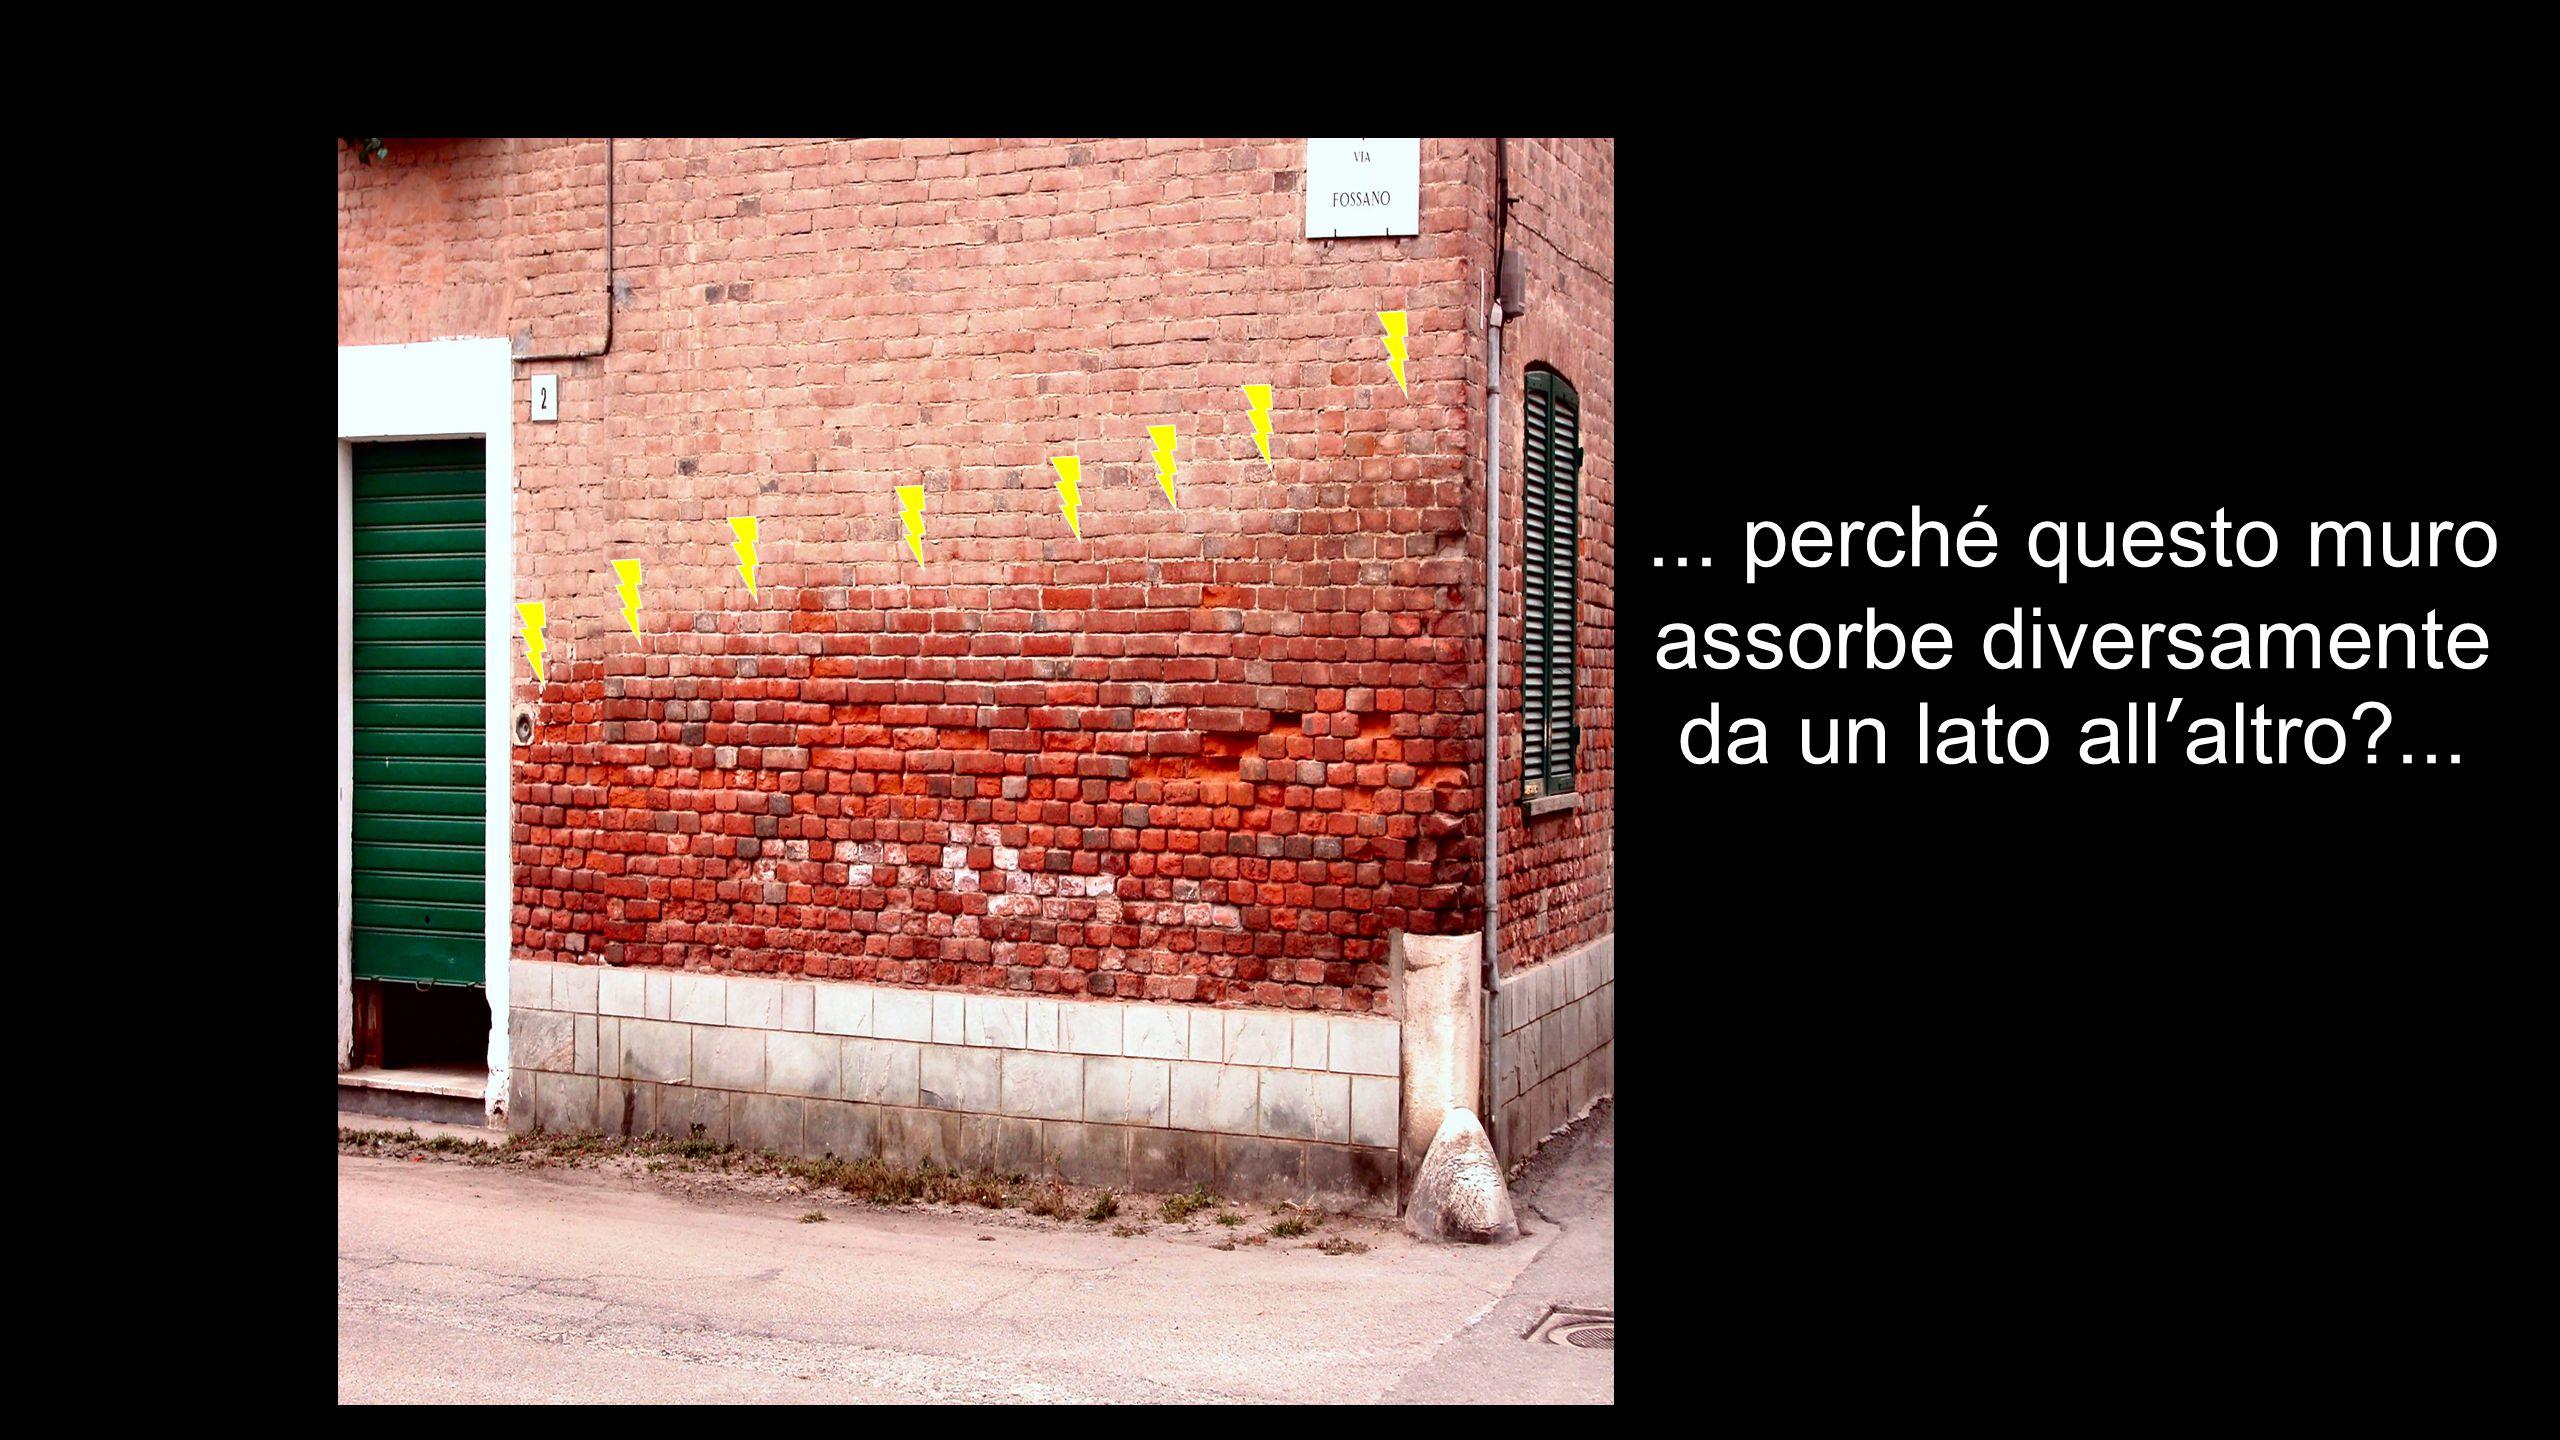 ... perché questo muro assorbe diversamente da un lato all'altro?...